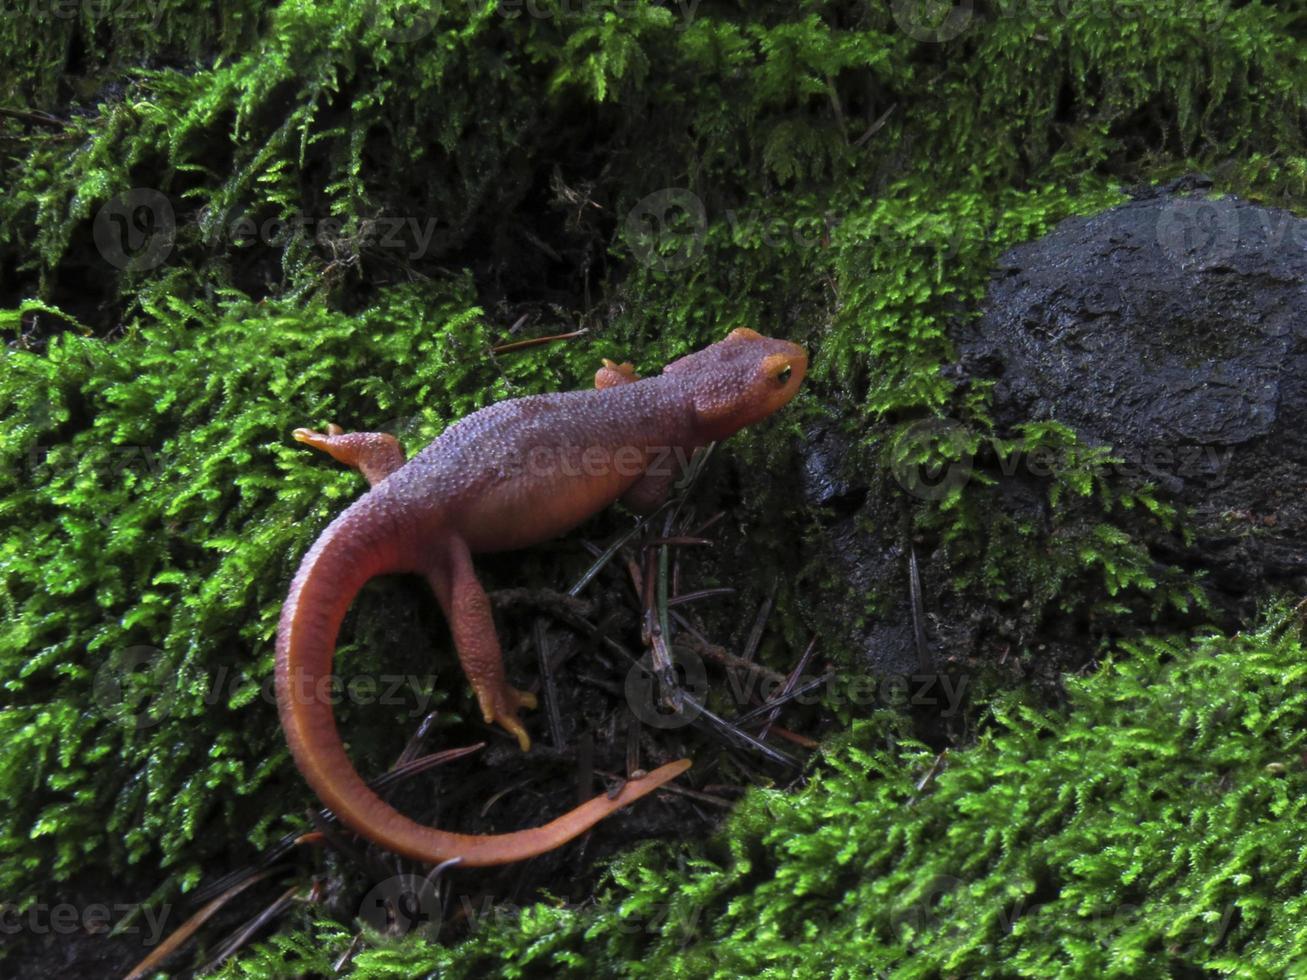 Sierra Newt photo